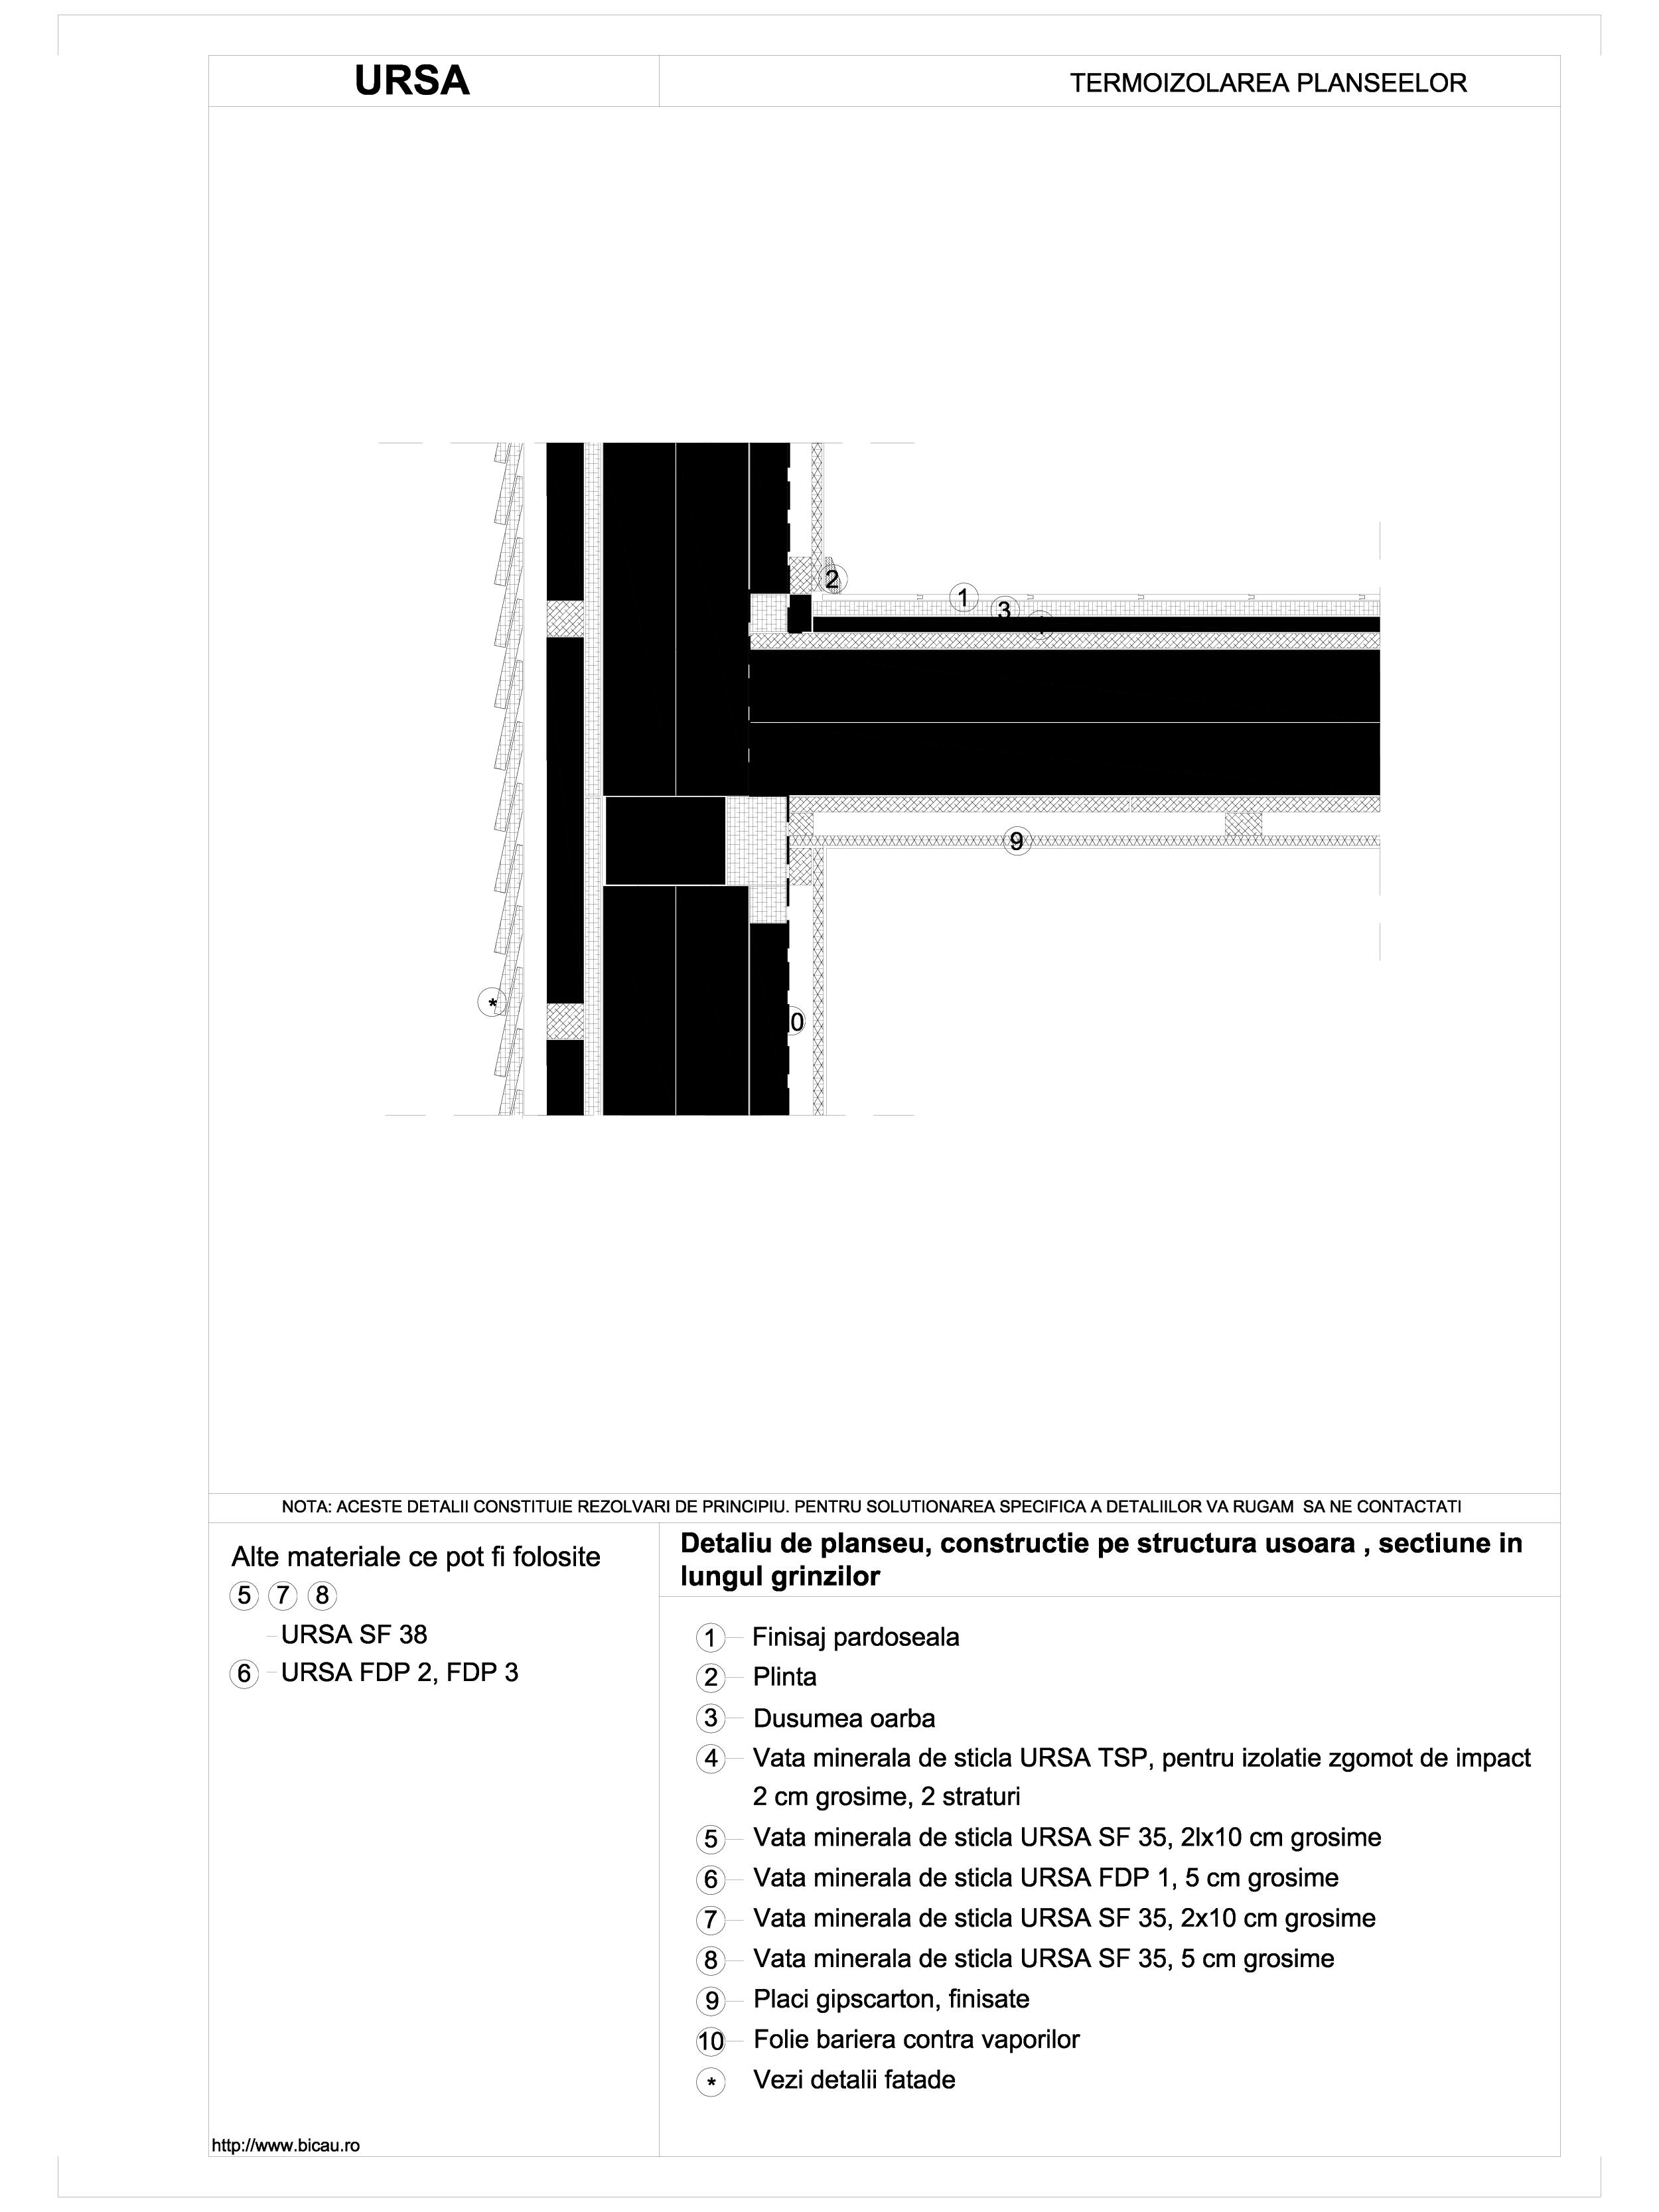 Detaliu de planseu, constructie pe structura usoara , sectiune in lungul grinzilor TSP URSA Vata minerala pentru pardoseli URSA ROMANIA   - Pagina 1